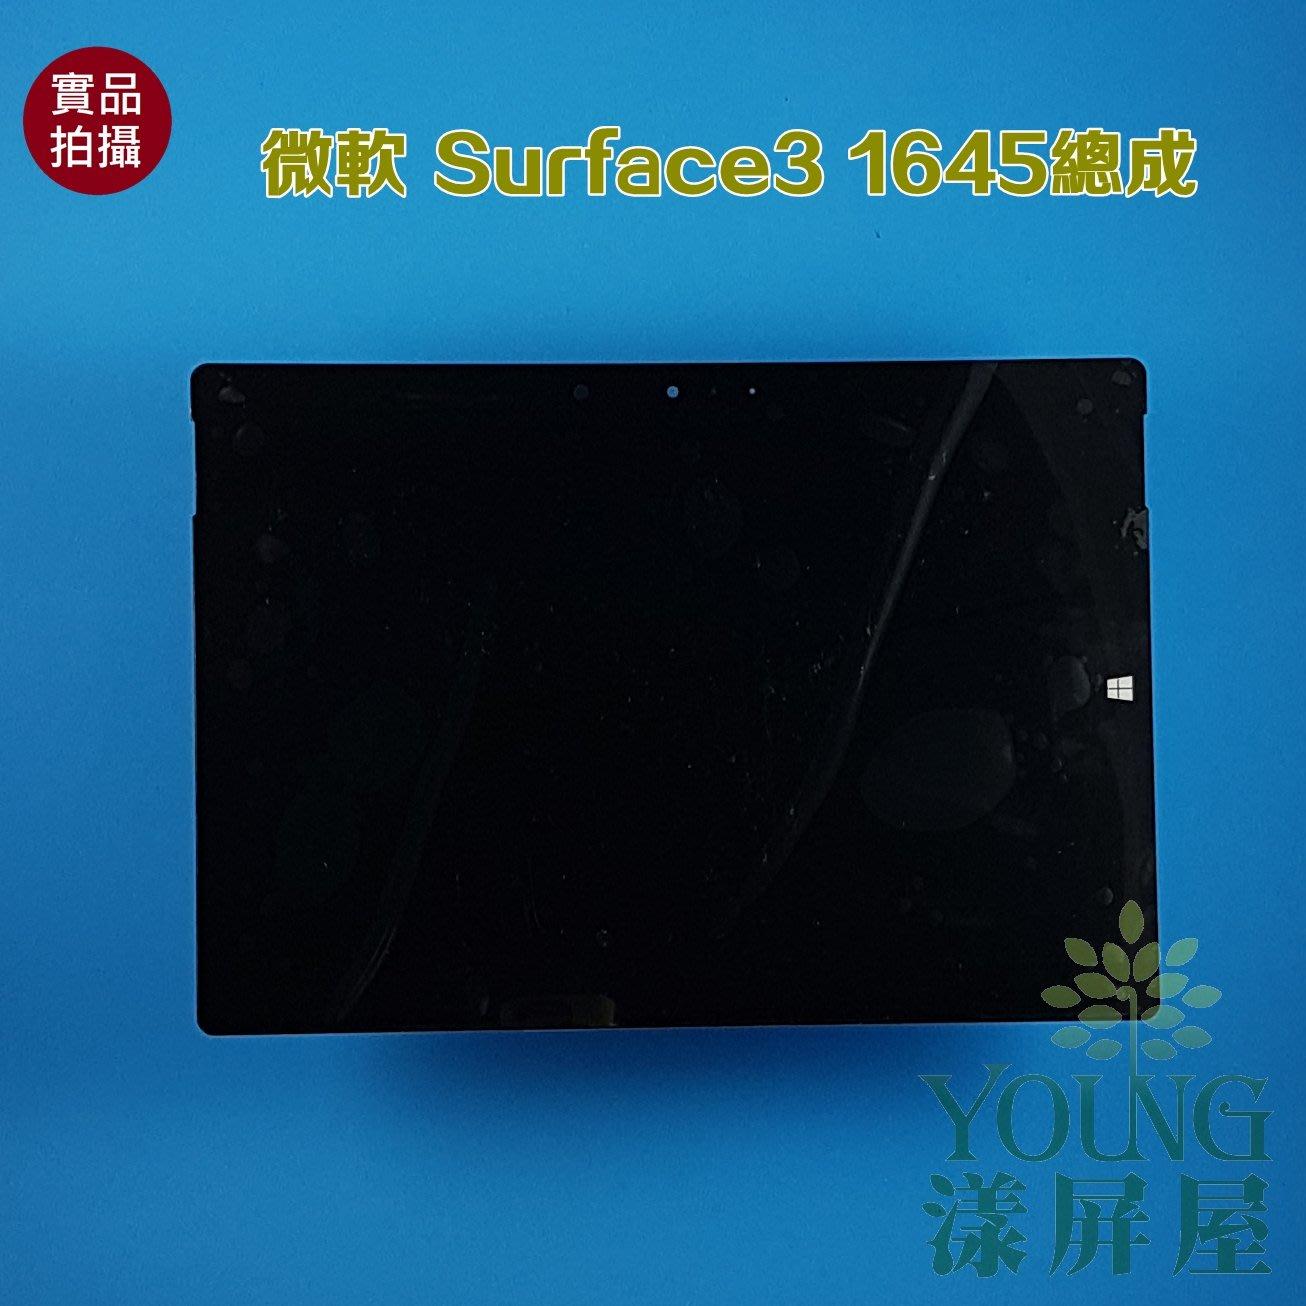 【漾屏屋】微軟 Microsoft Surface 3 1645 總成 面板 平板 螢幕